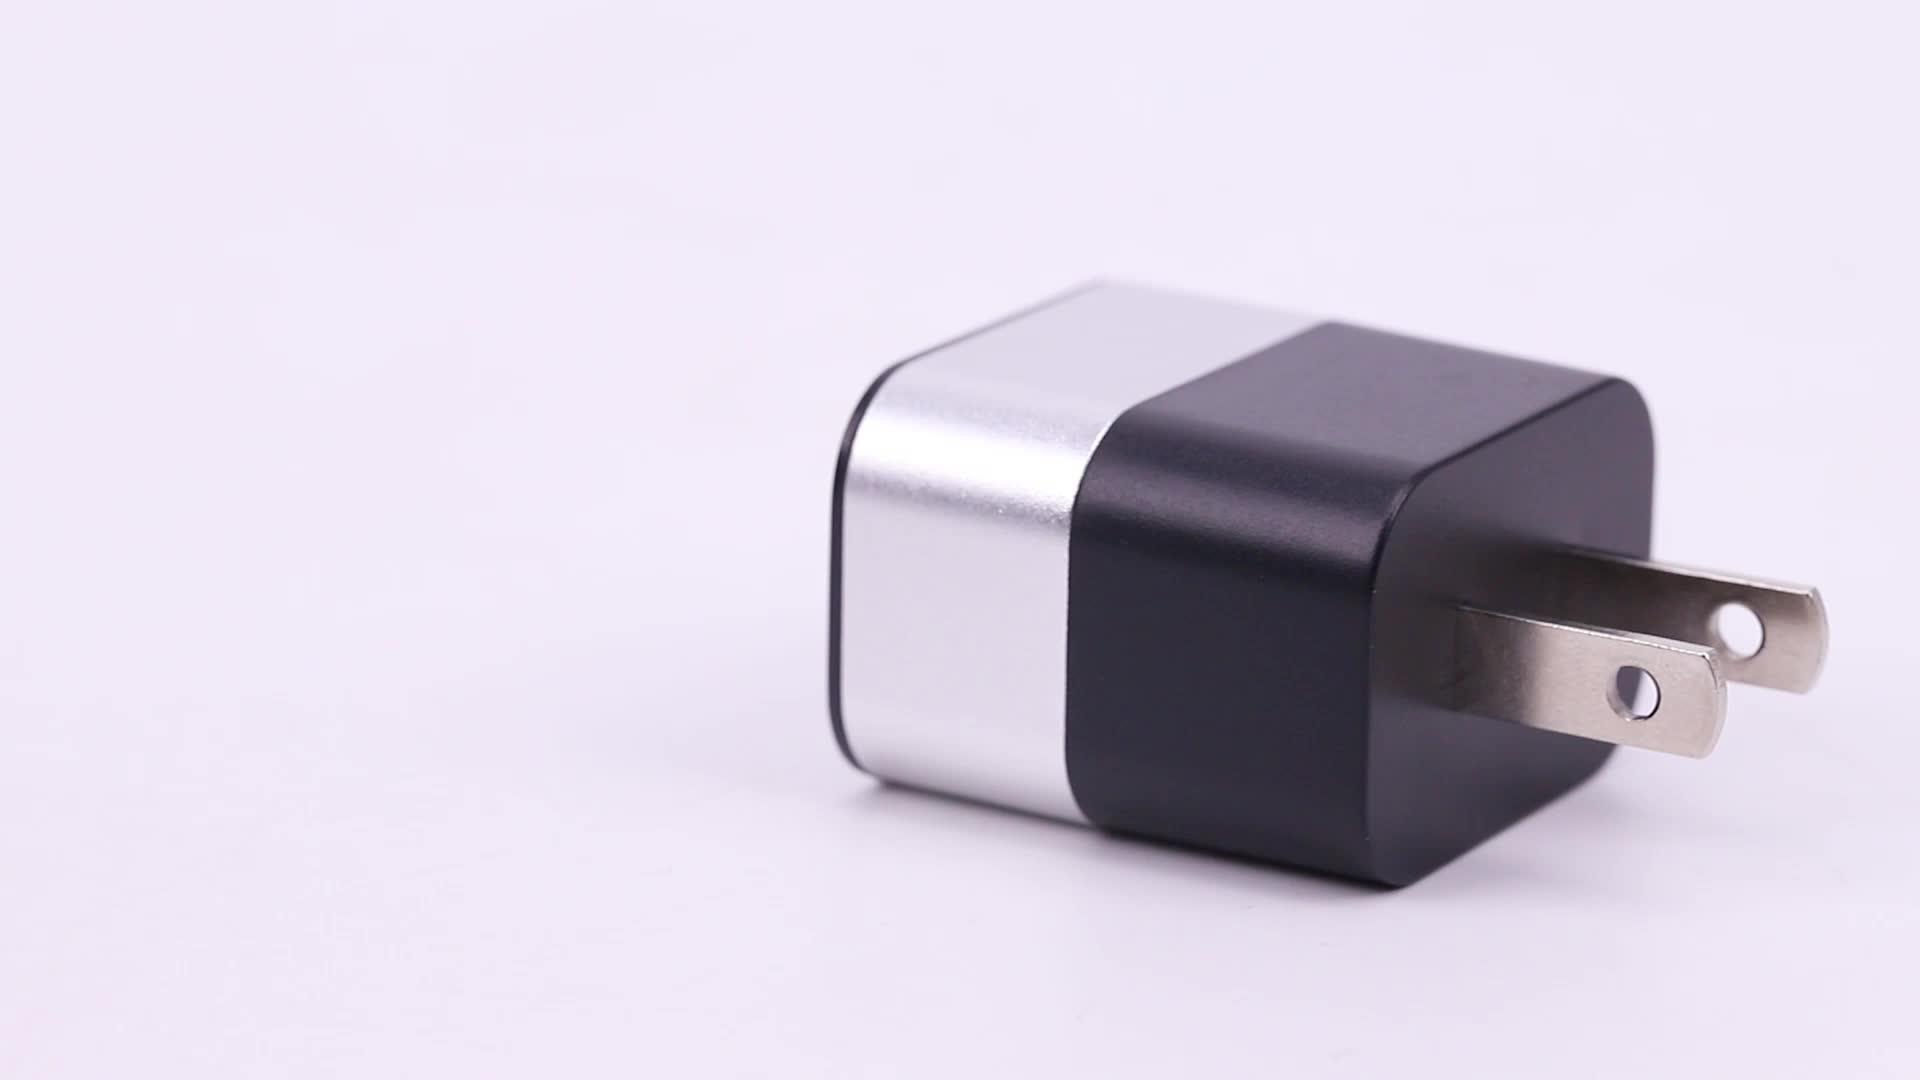 सस्ते कीमत दोहरी यूएसबी 2.4A दीवार मोबाइल चार्जर उच्च गति मोबाइल फोन चार्ज यूएसबी चार्जर